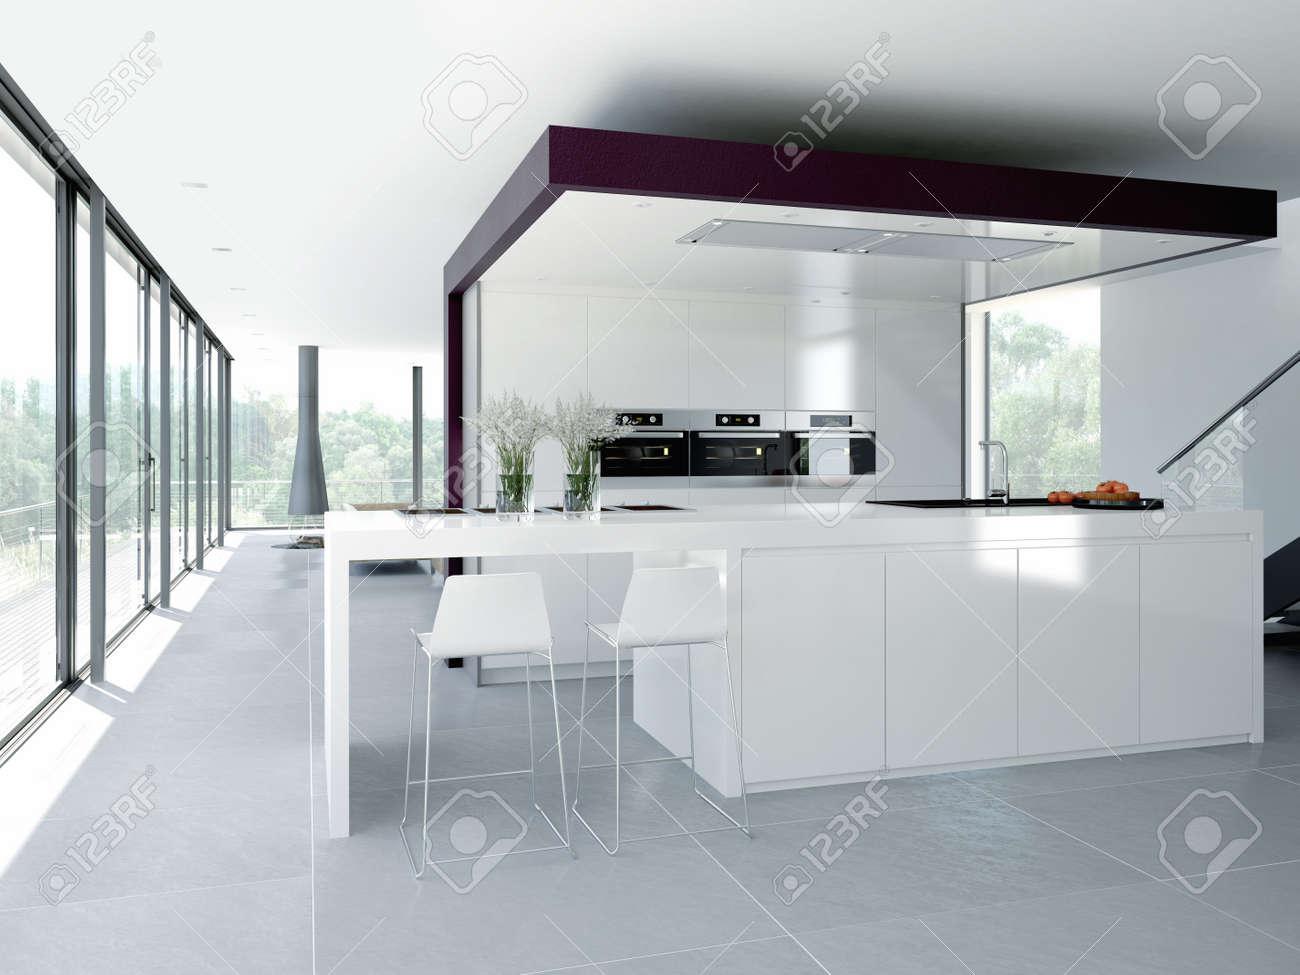 Cocina Moderna Moderna Cocina Con Piso De Madera With Cocina  # Muebles Juigmar